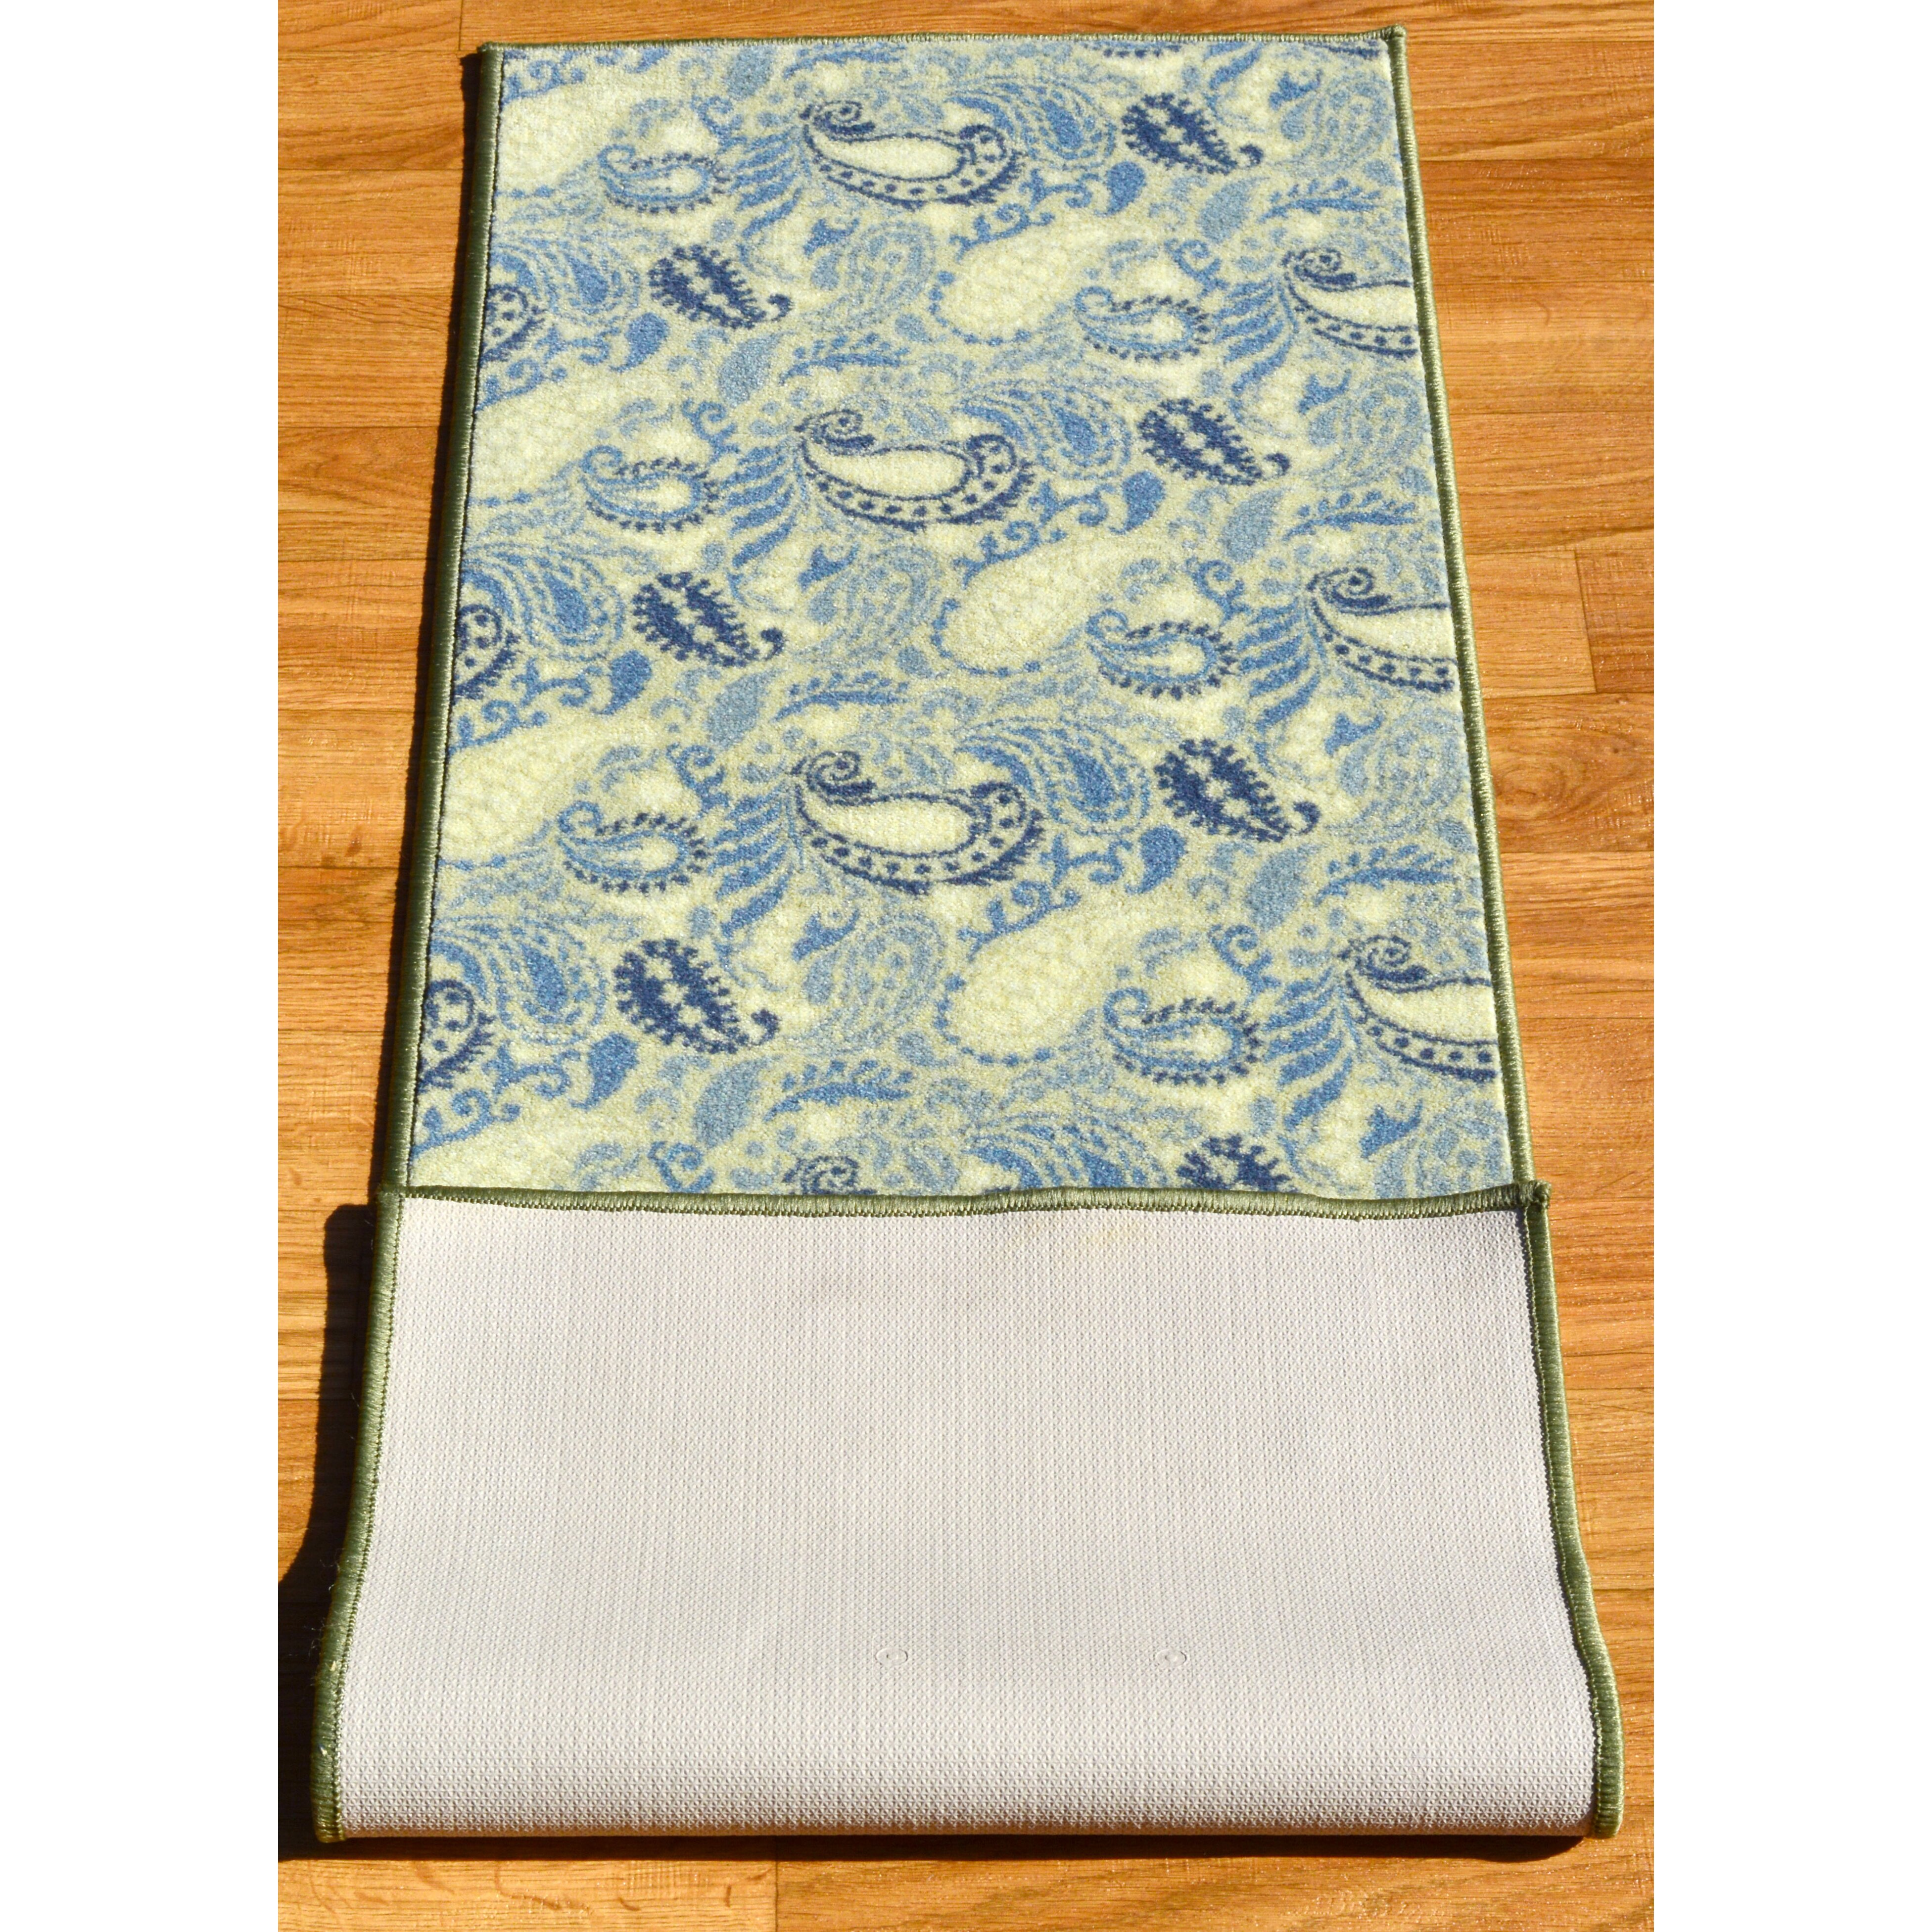 Diagona Designs Avalon Green/Teal Area Rug